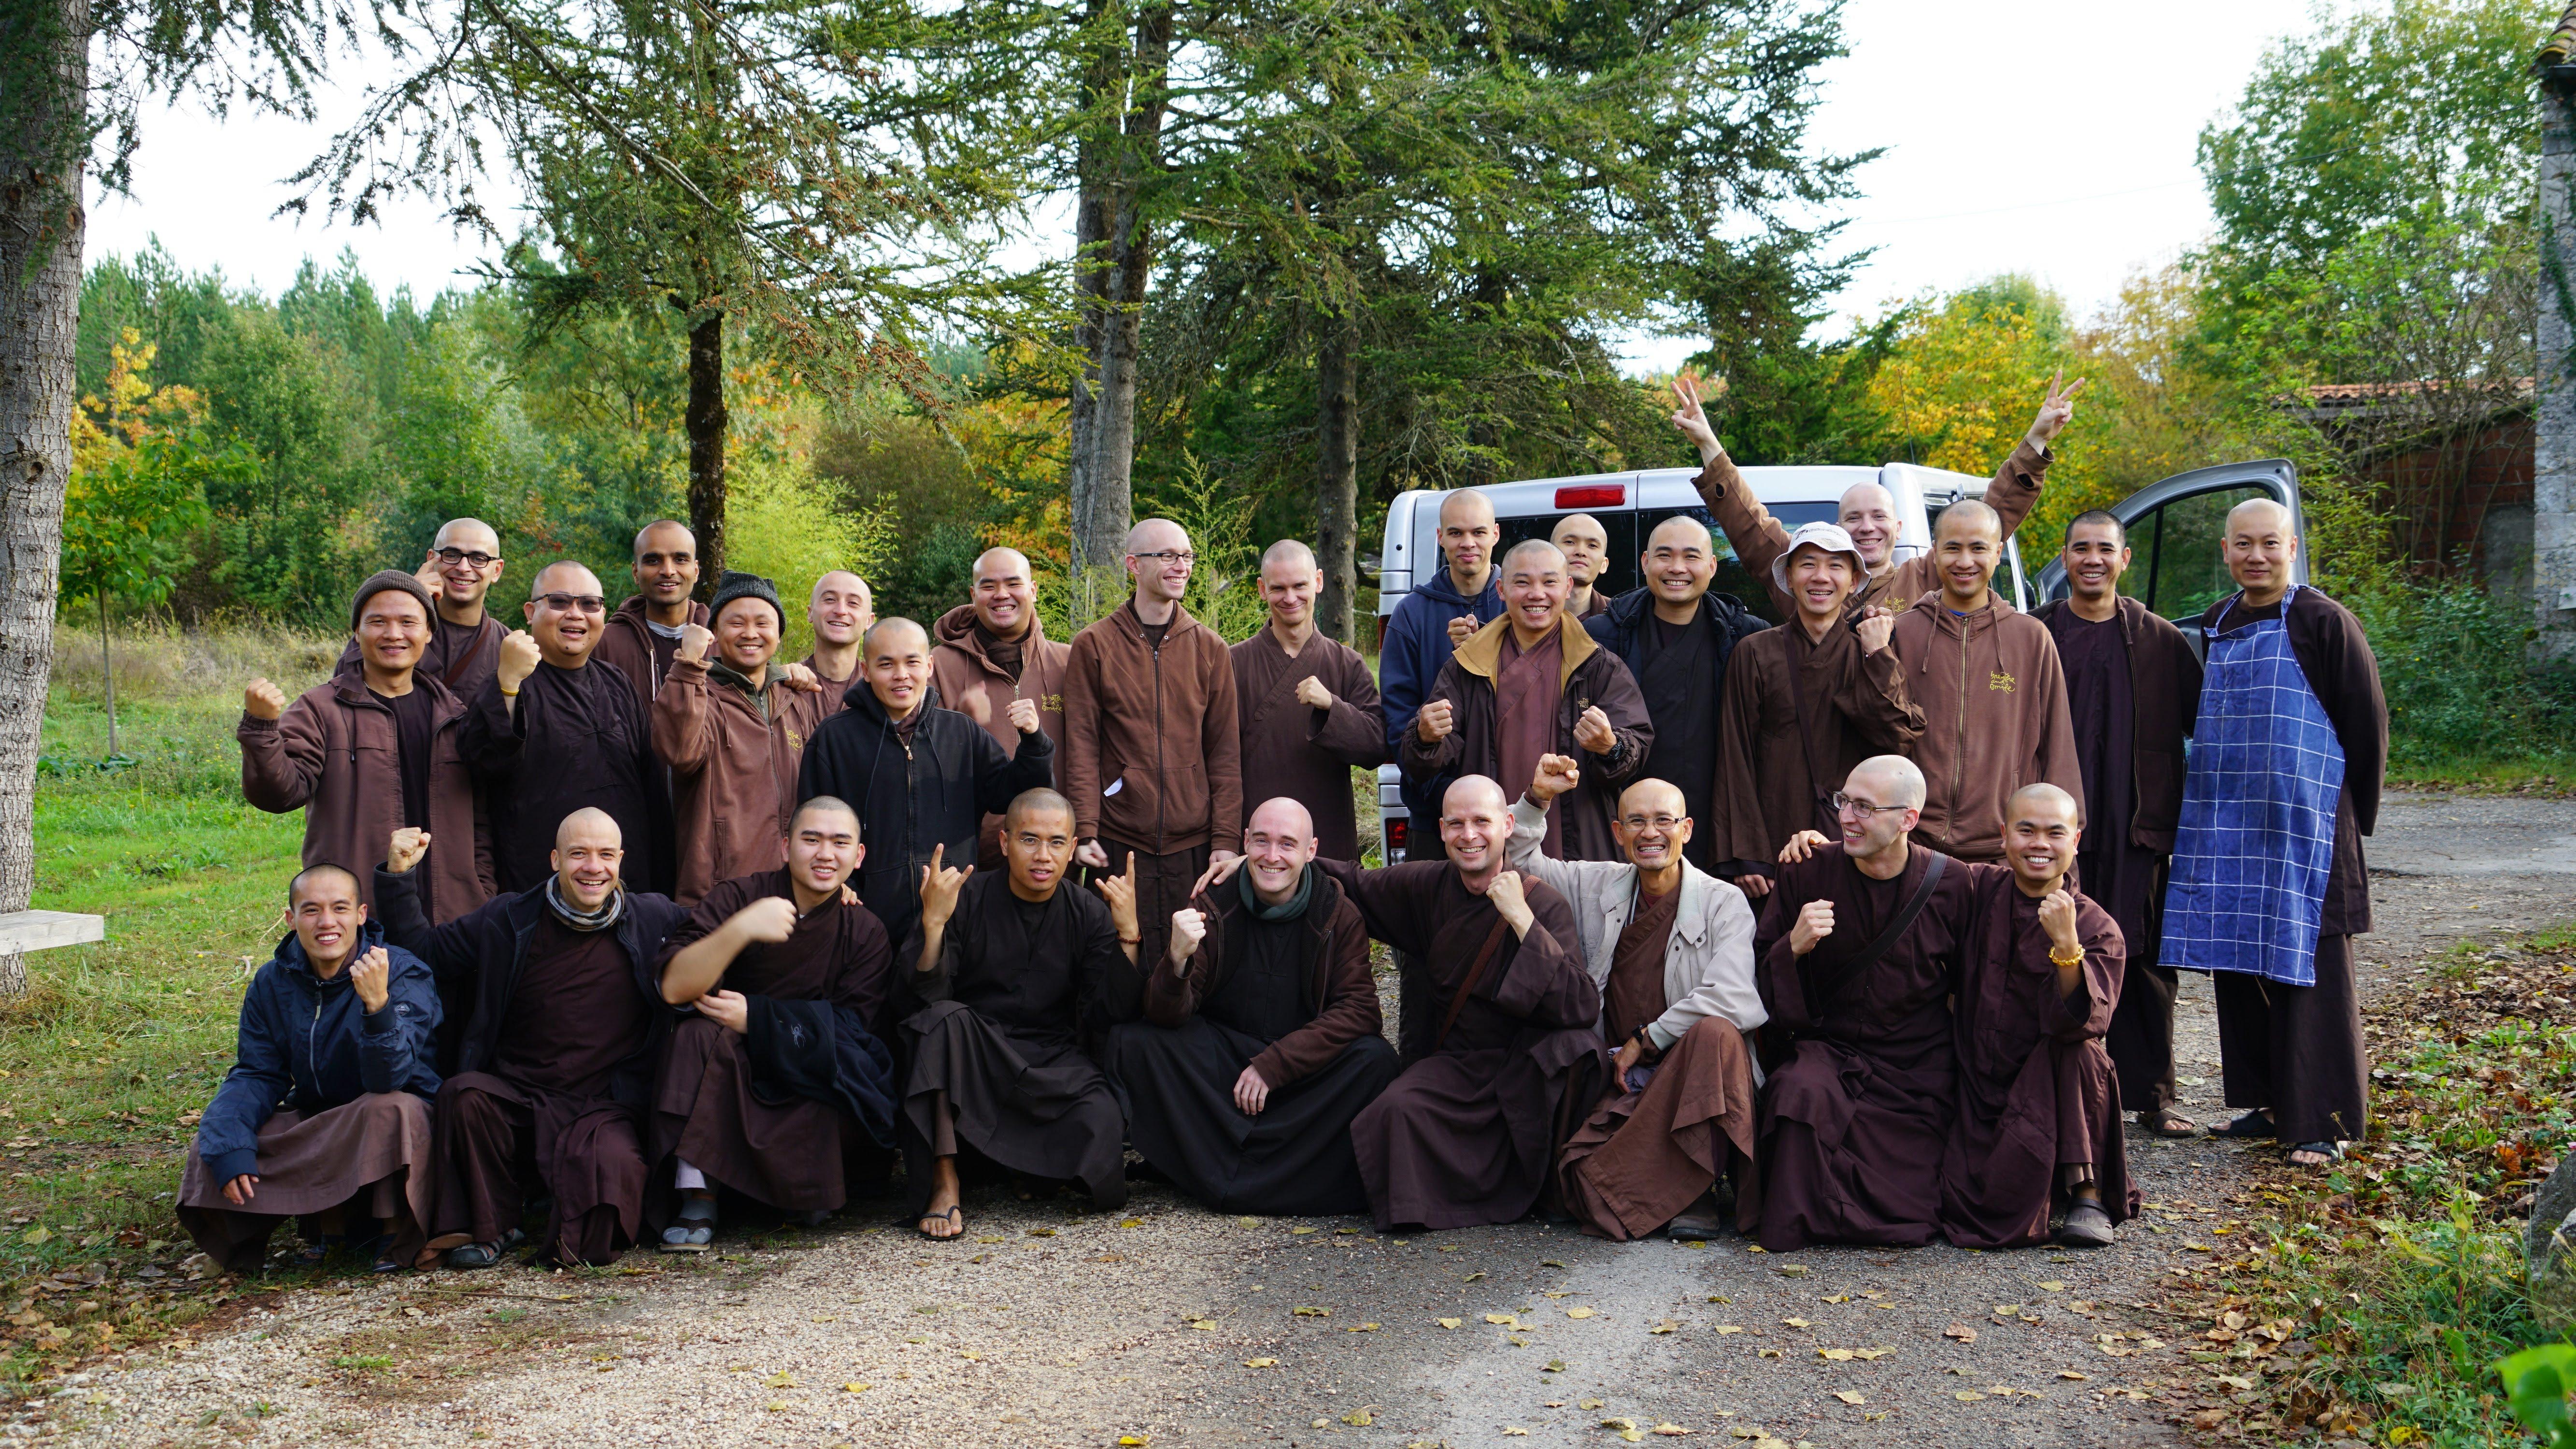 Méditation Pleine Conscience - Monastère de la source guérissante - Paris - Village des pruniers - thich nhat hanh